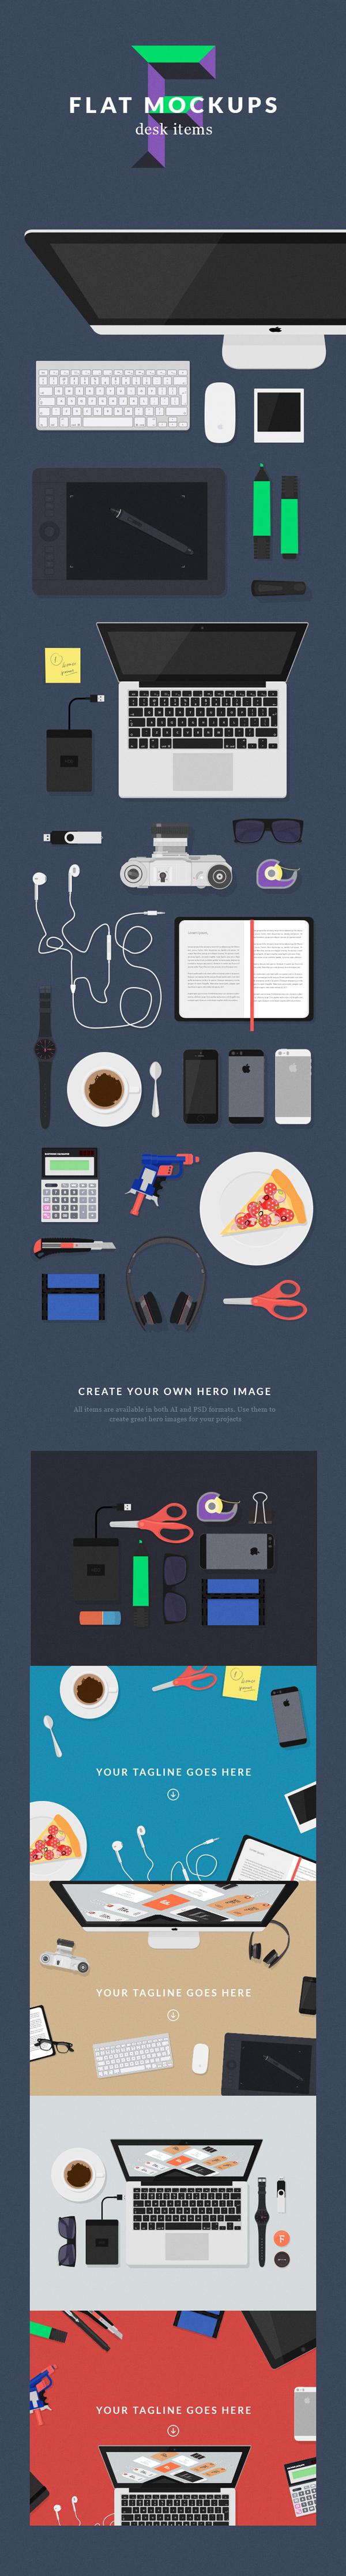 Desk Items Flat Stationary Objects PSD